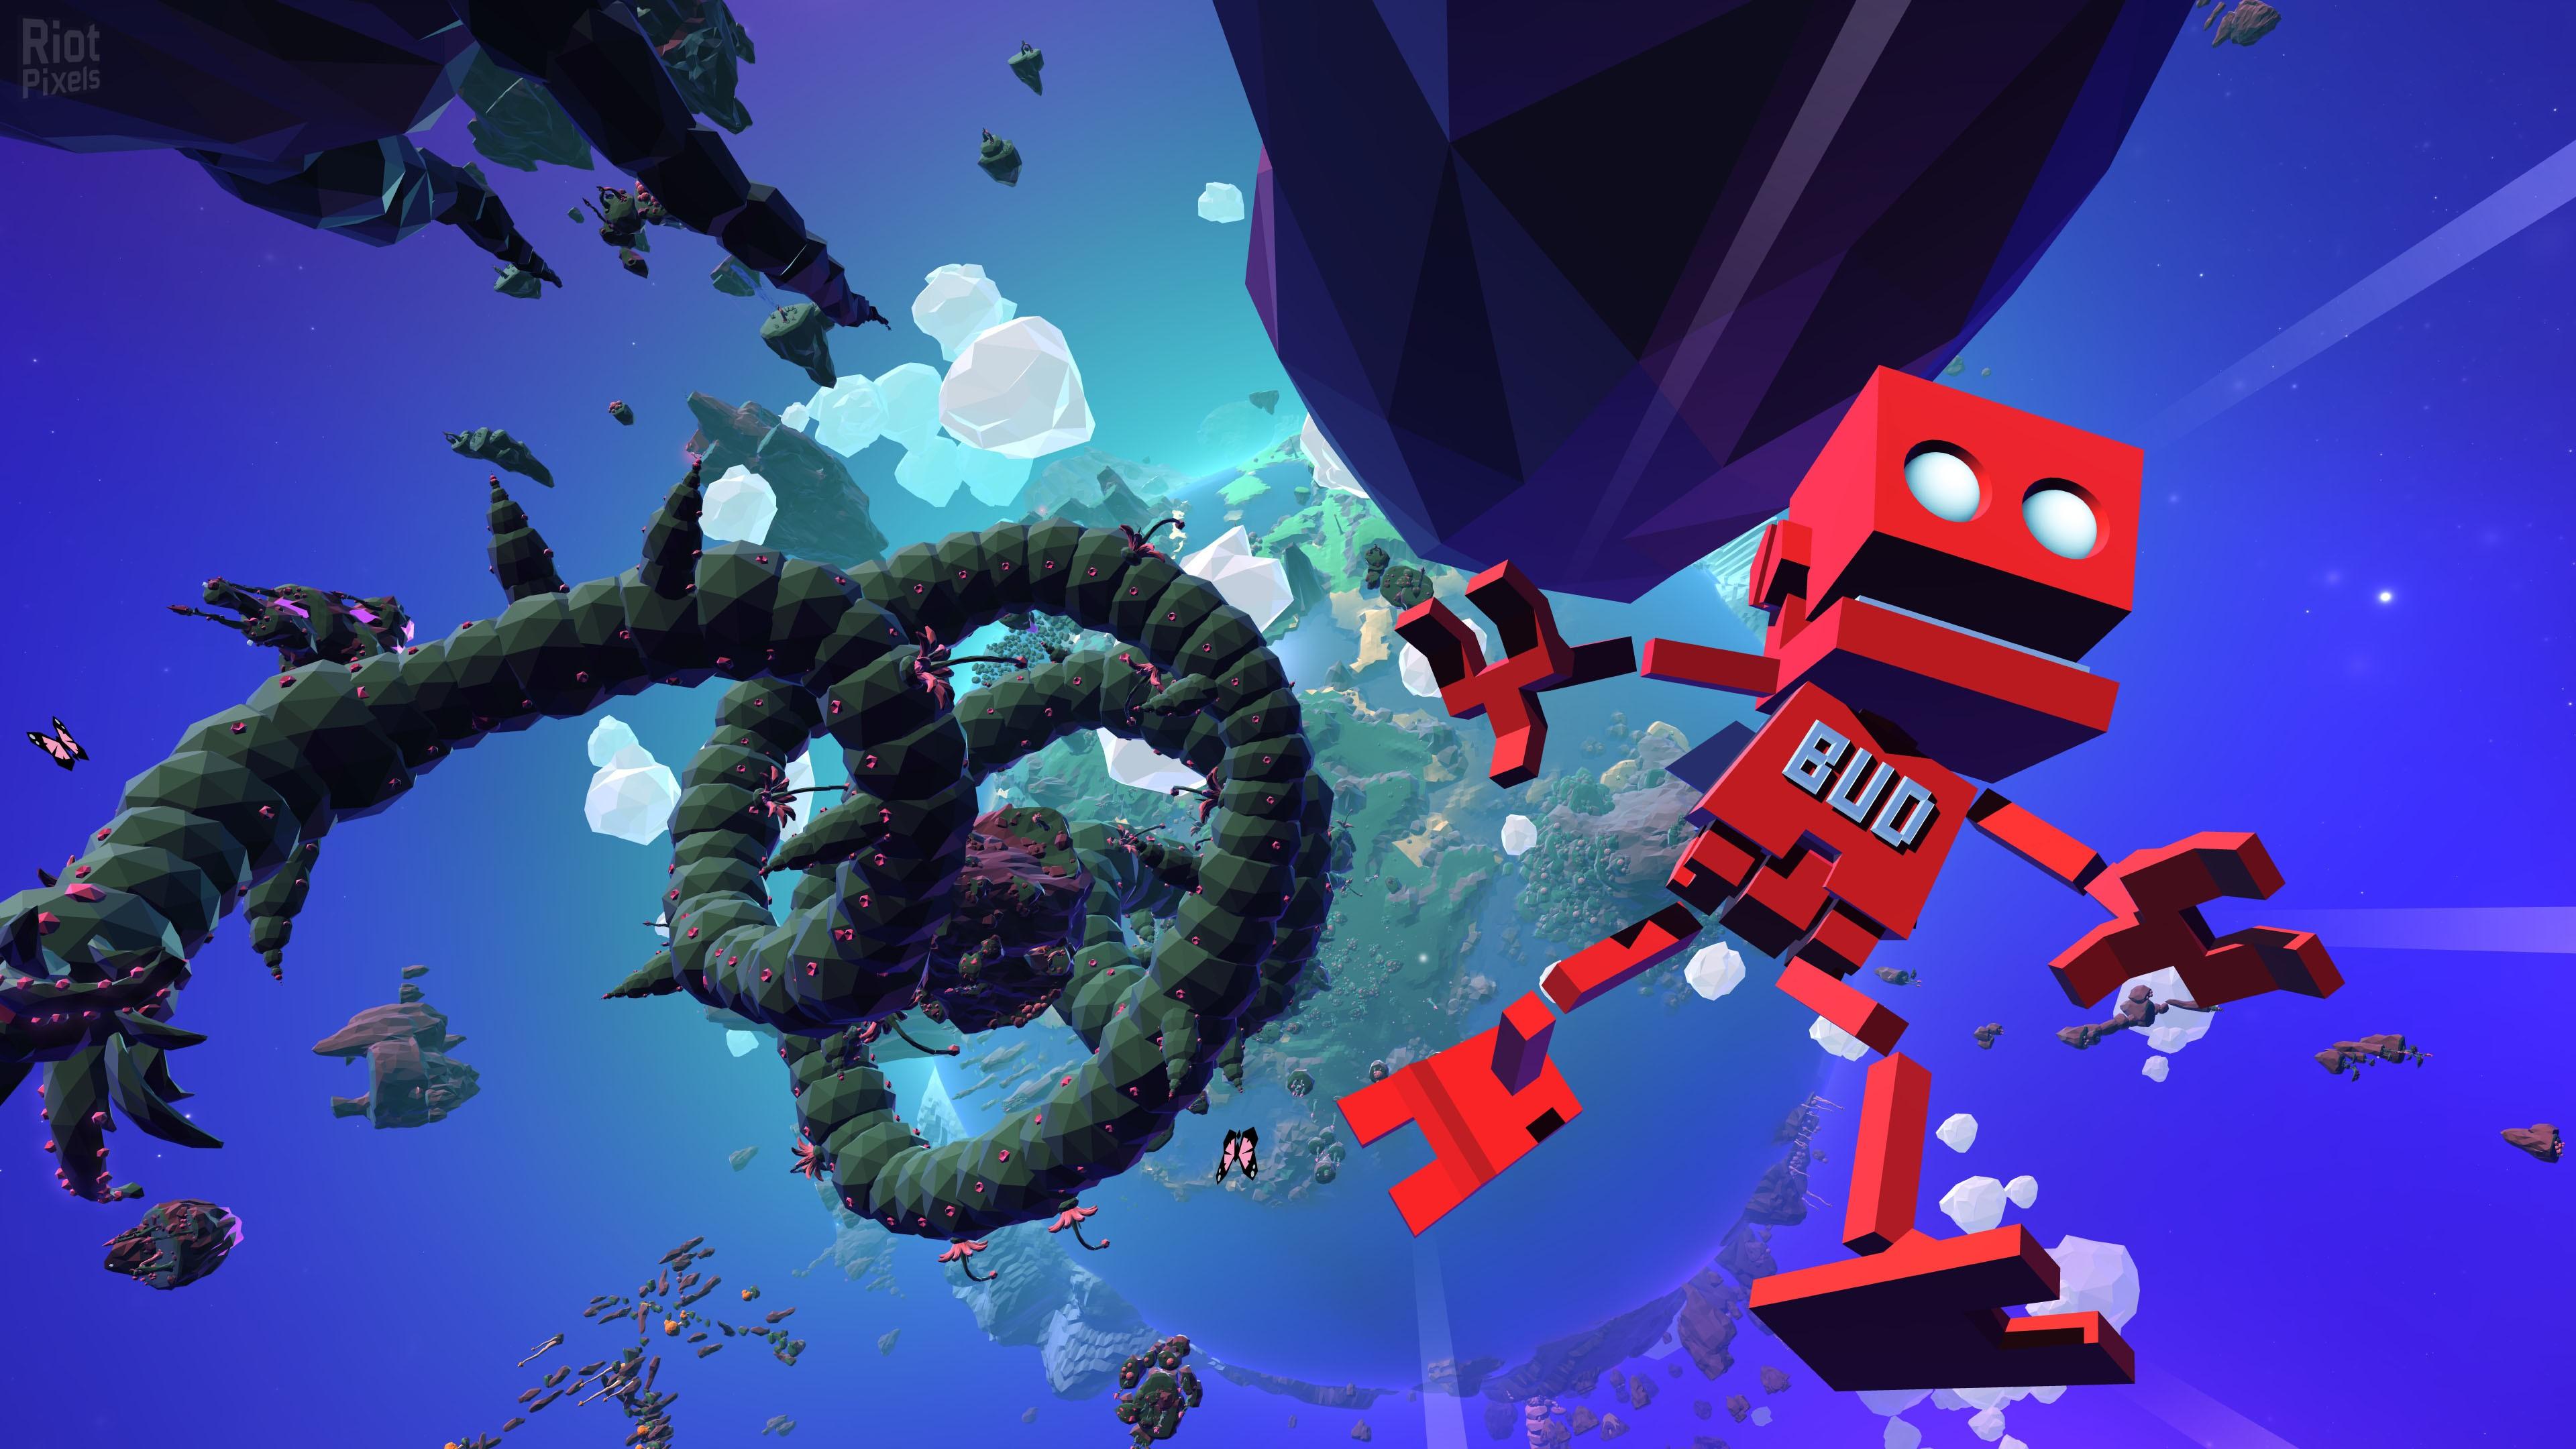 Wallpaper Grow Up E3 2016 Platform Red Robot Microsoft